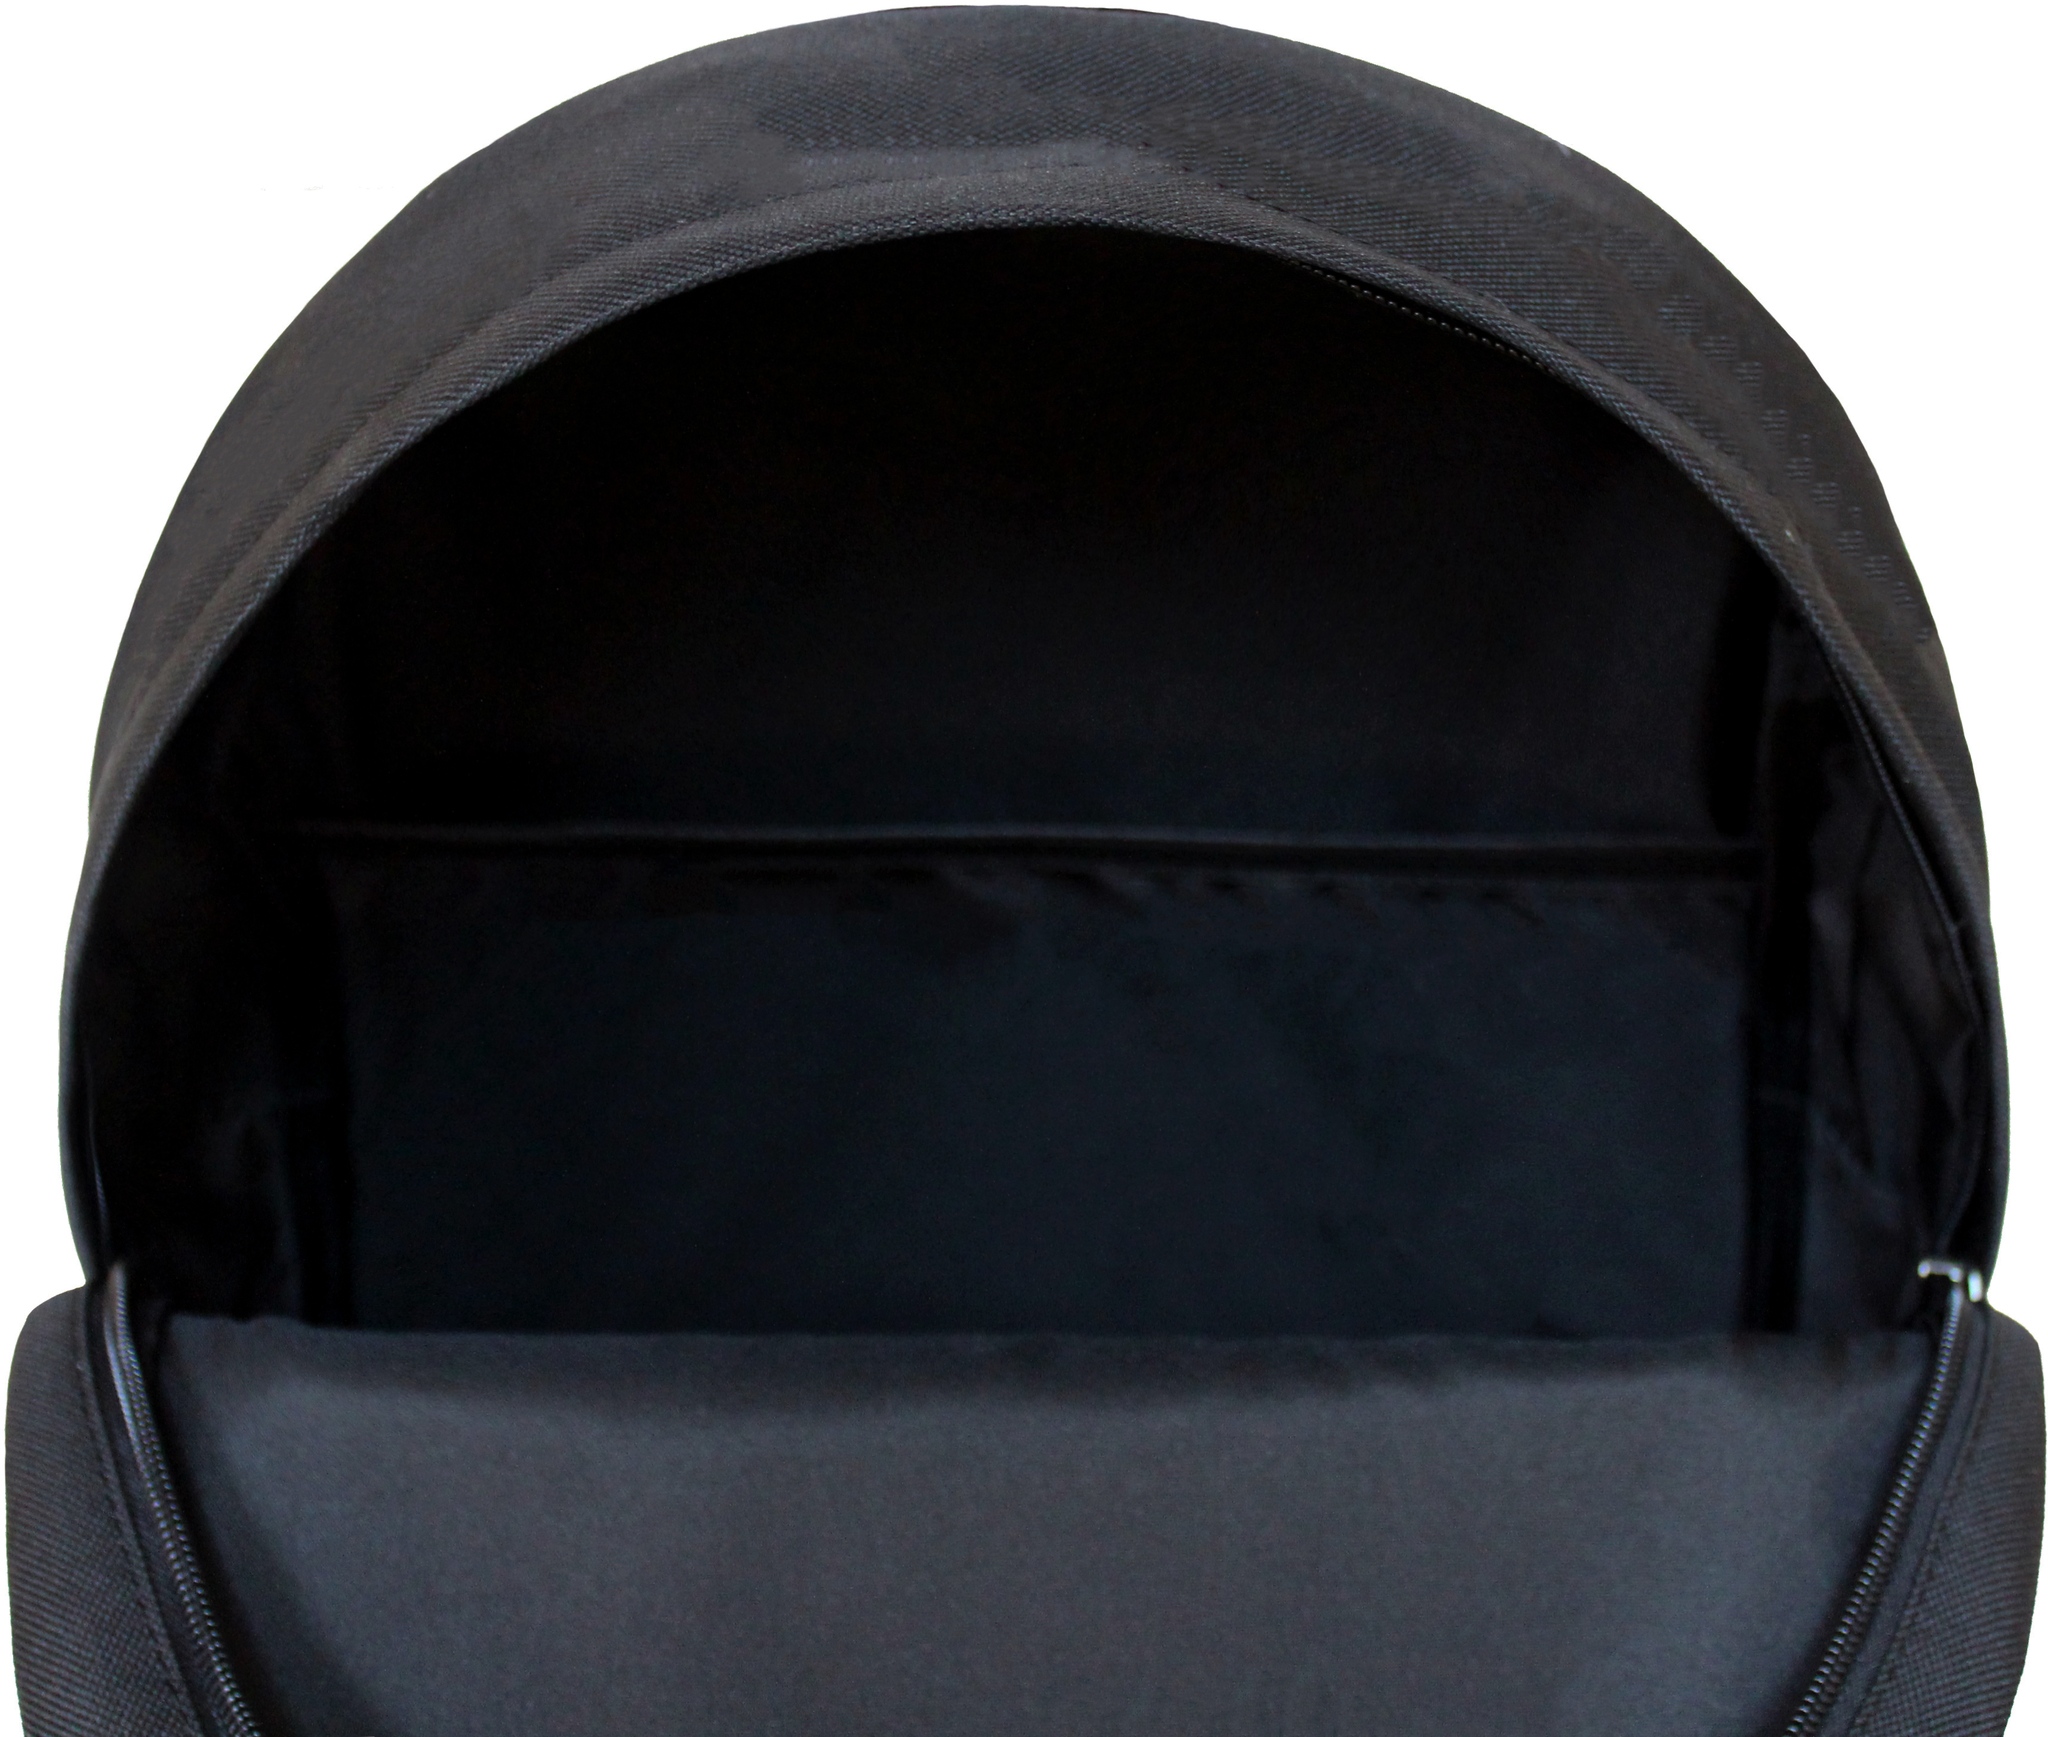 Рюкзак Bagland Молодежный W/R 17 л. черный 457 (00533662) фото 4